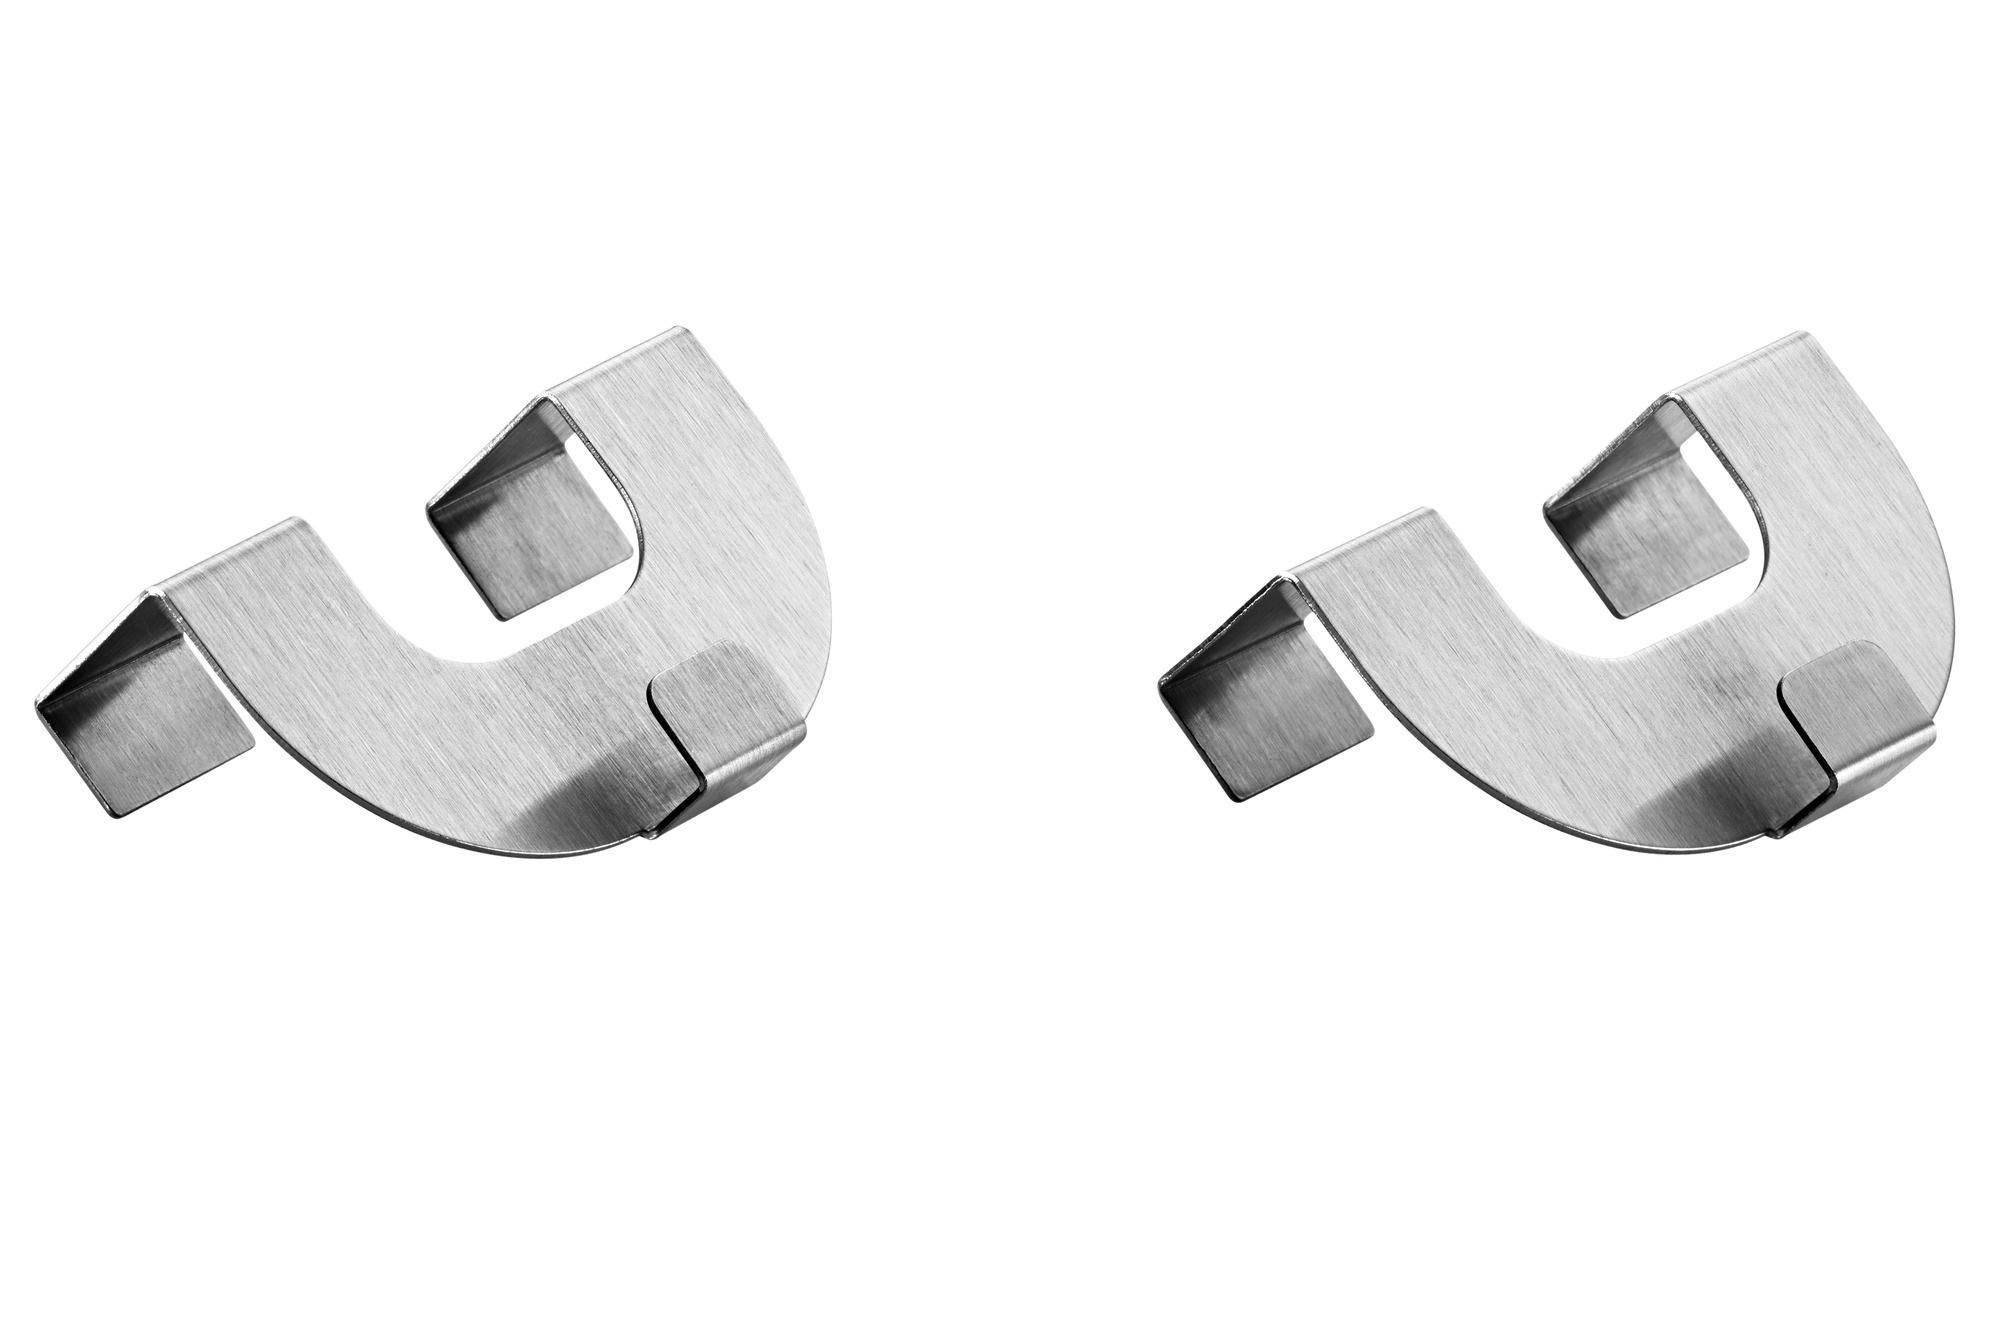 U-Haken 2er-Set zum Einhängen im Rahmen günstig online kaufen